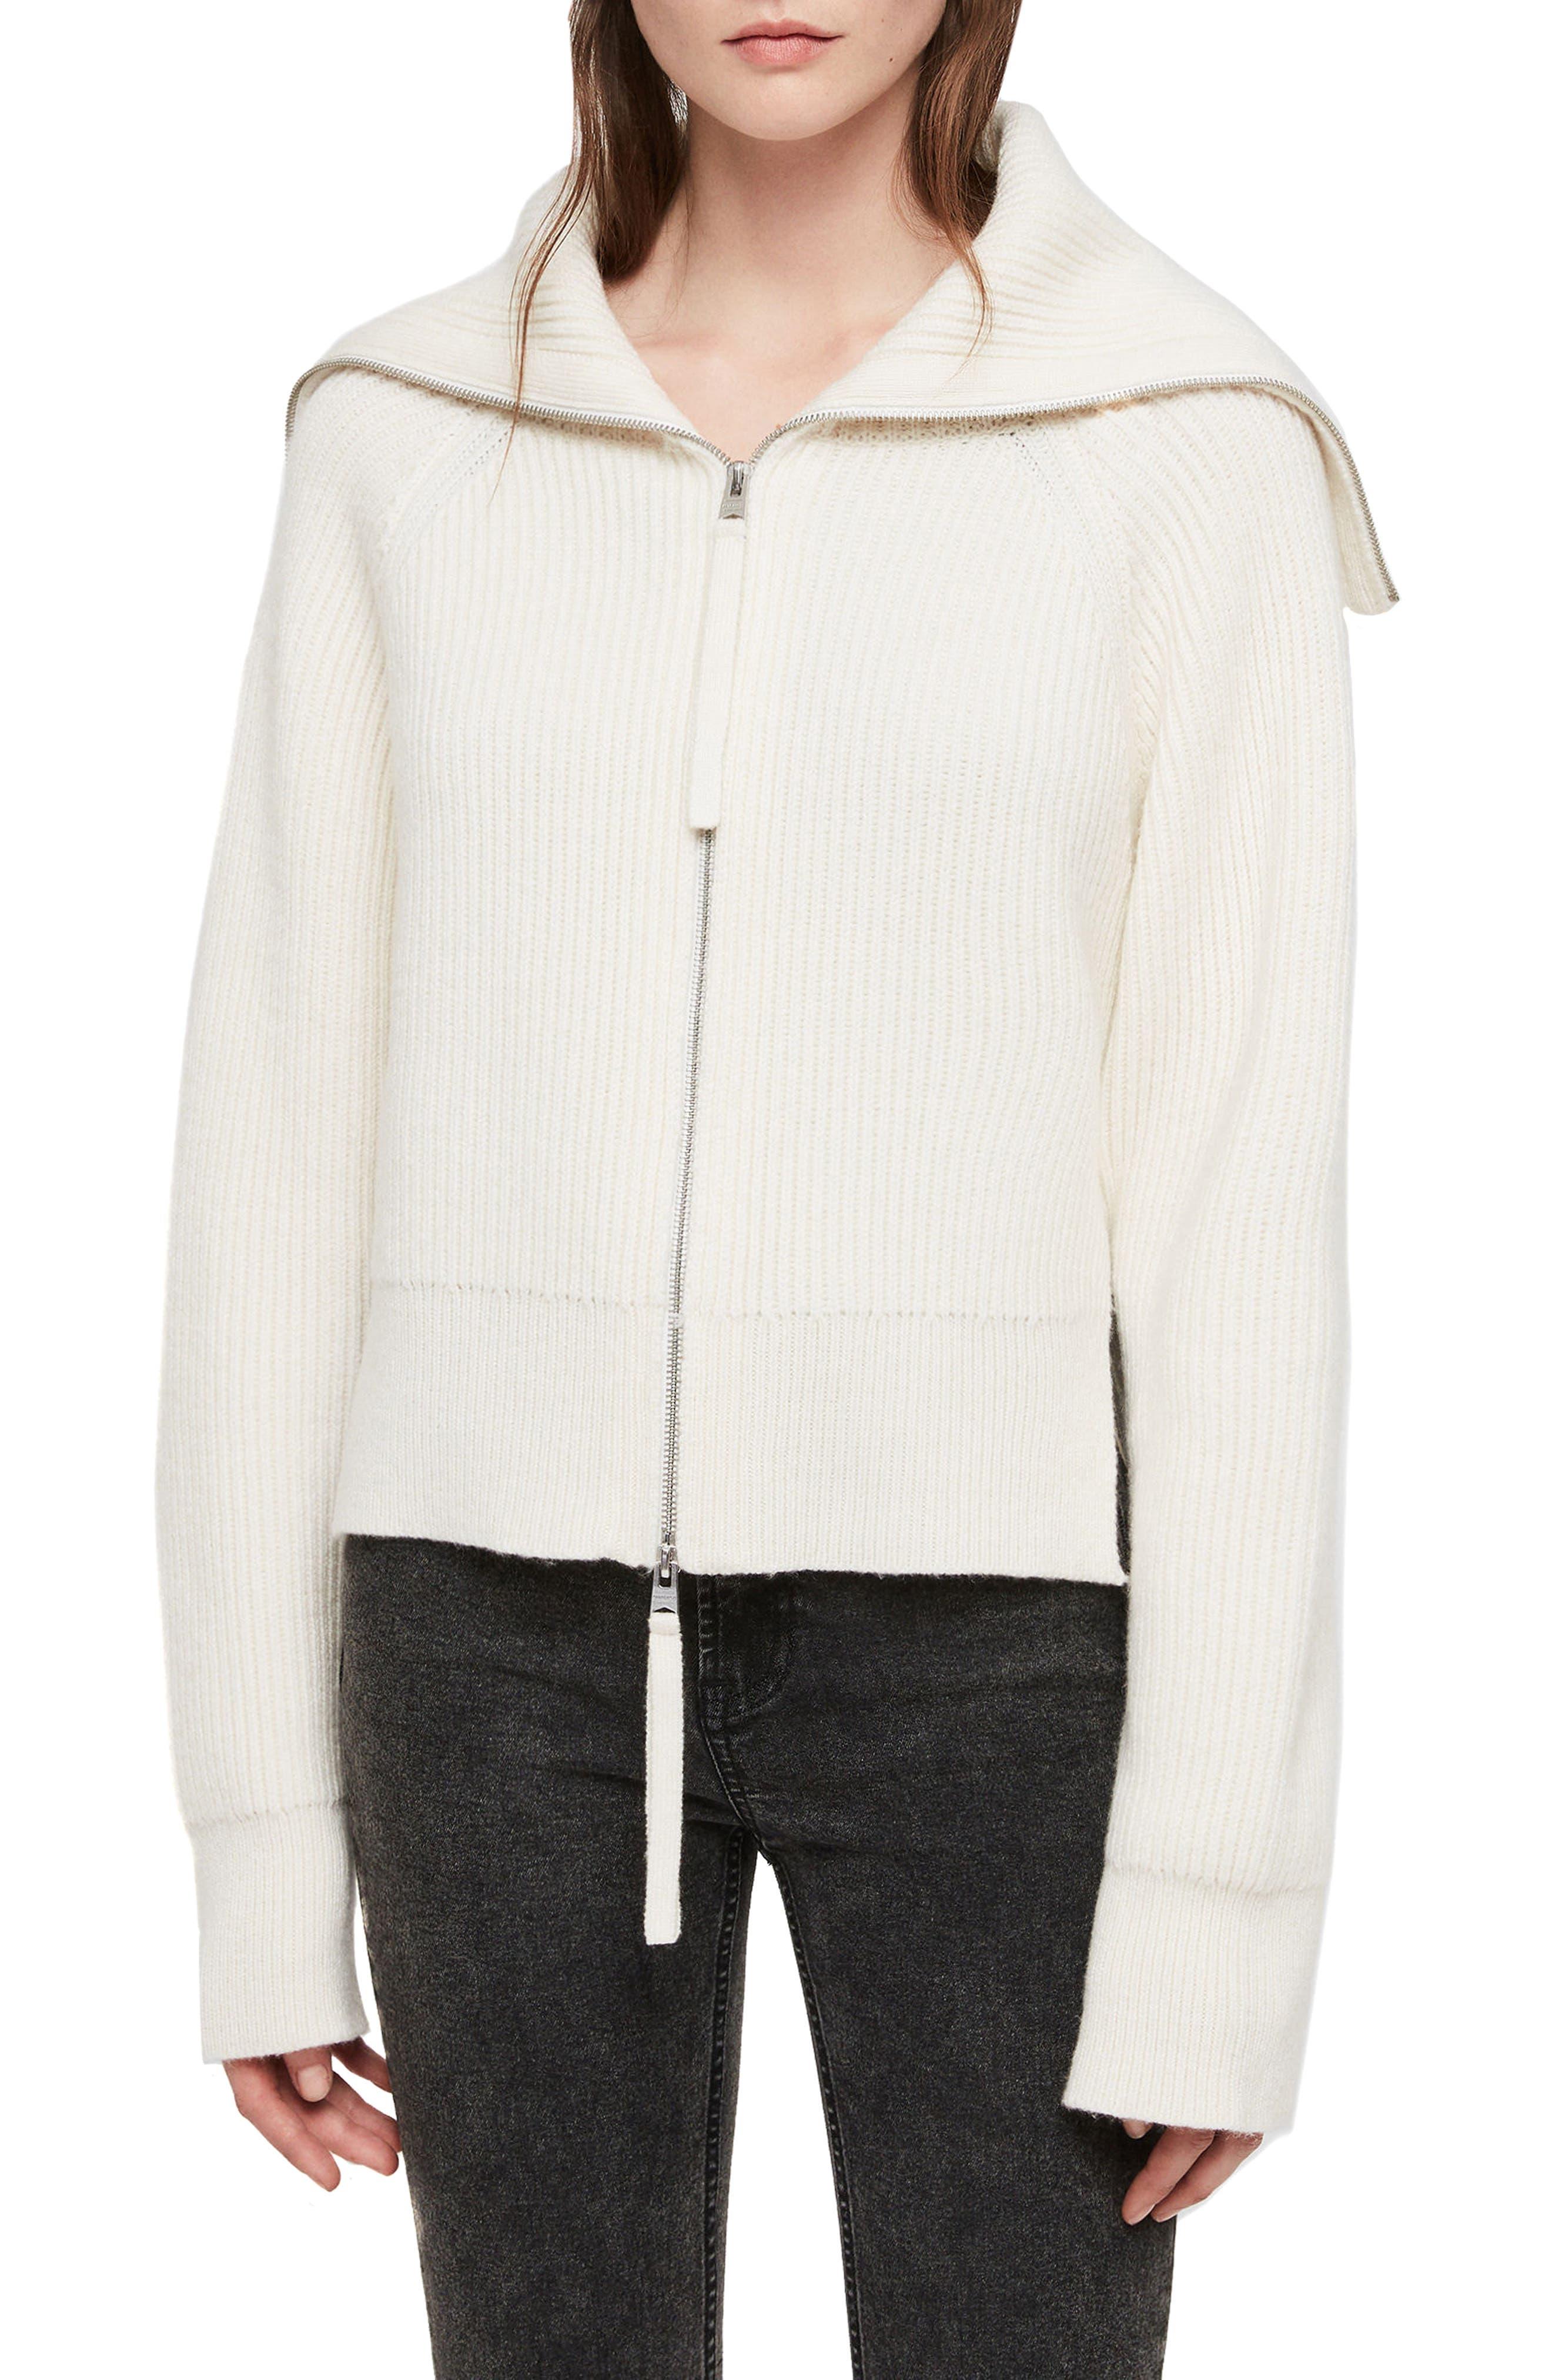 ALLSAINTS Jones Zip-Front Cardigan in White